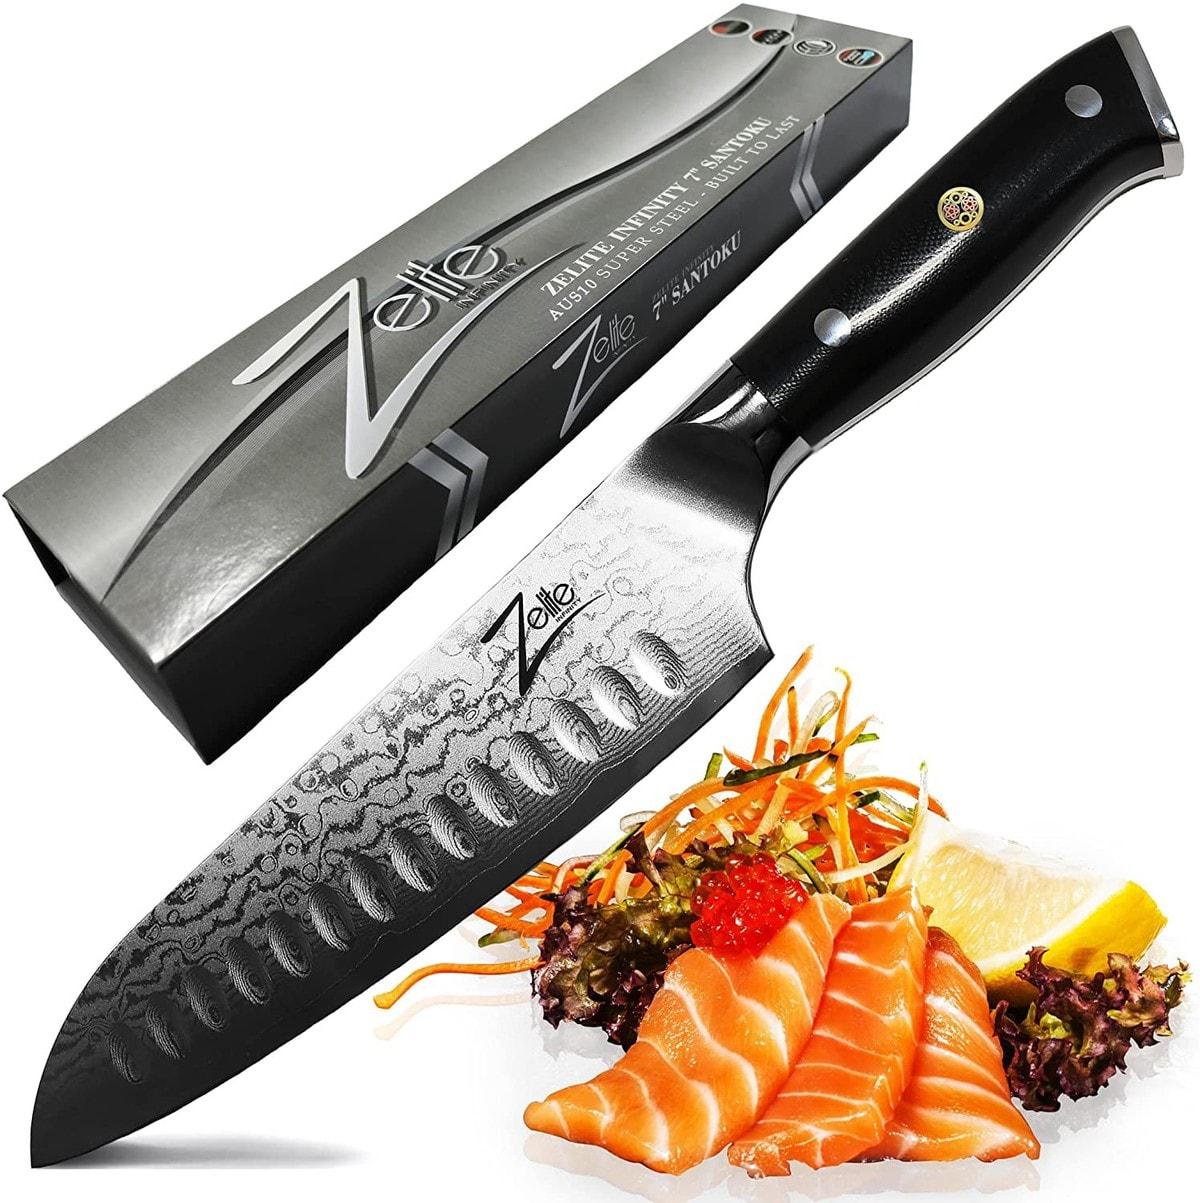 Zelite Infinity 7-inch Santoku Knife